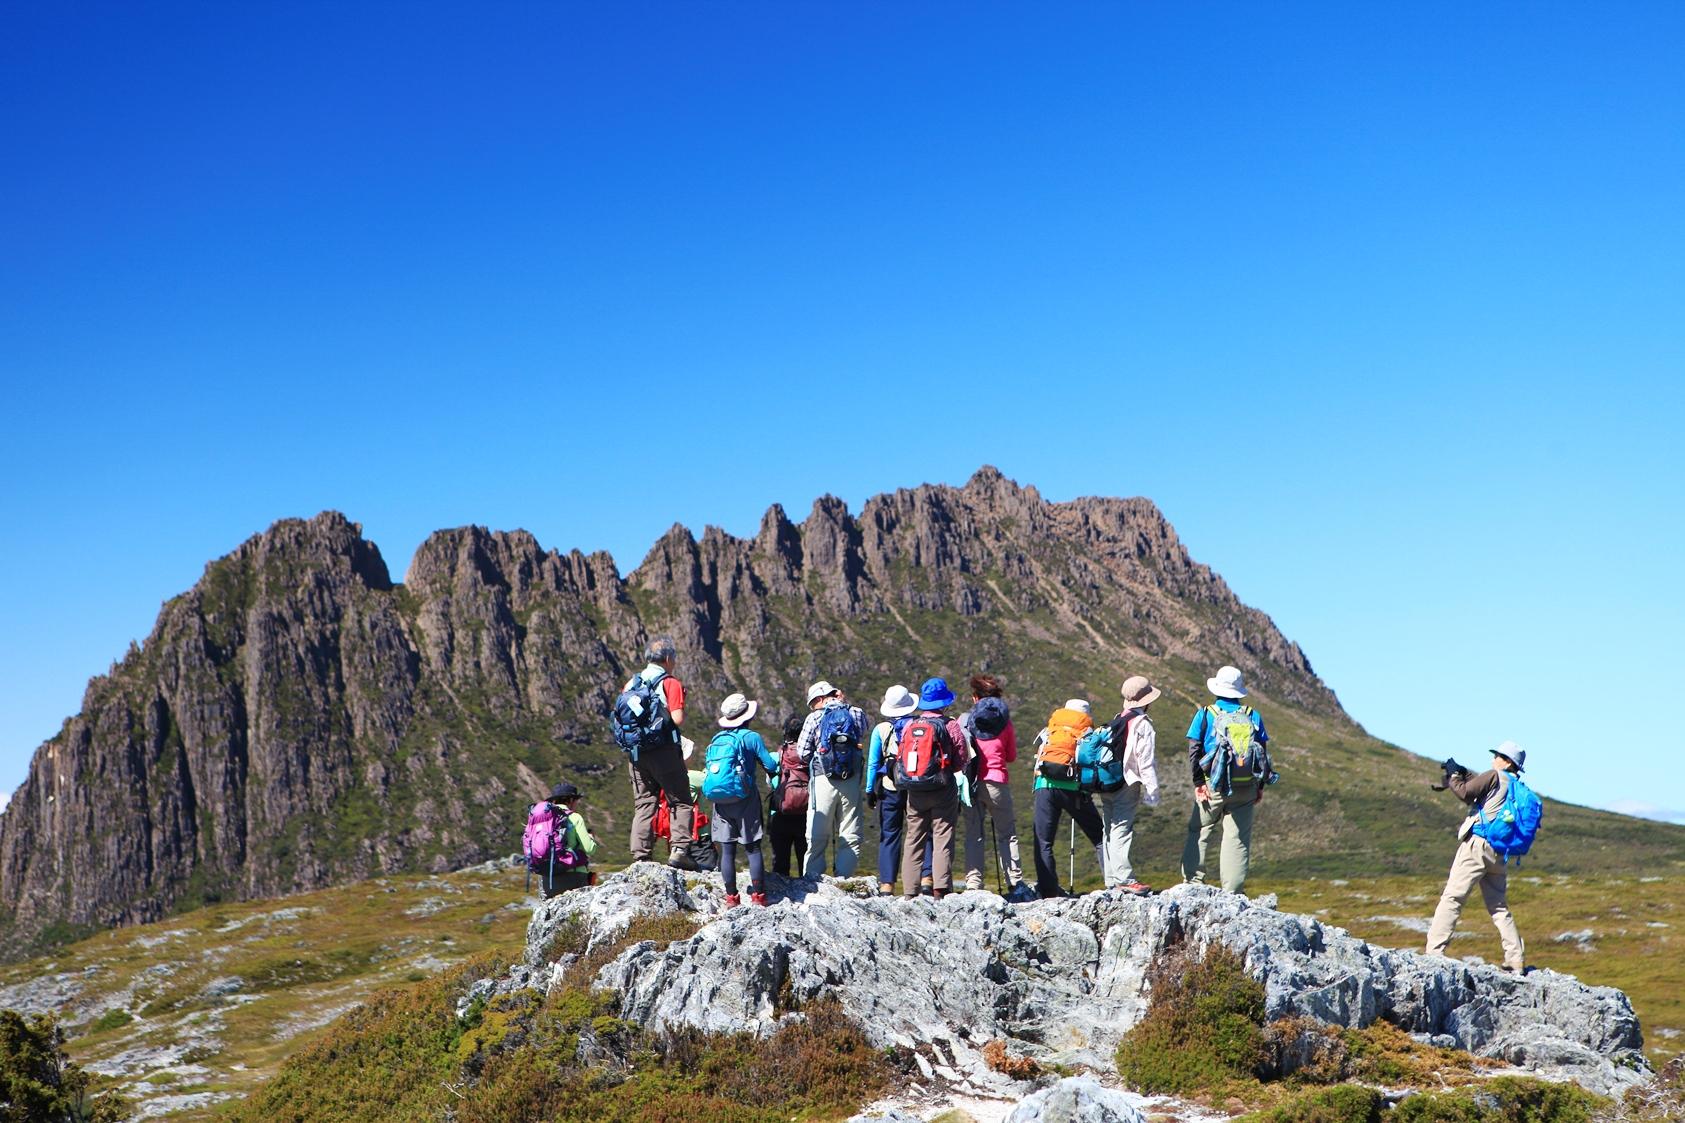 タスマニア島を代表する象徴的な山・クレイドルマウンテン(1,545m)周辺で2日間のハイキングを楽しみます(7日目)